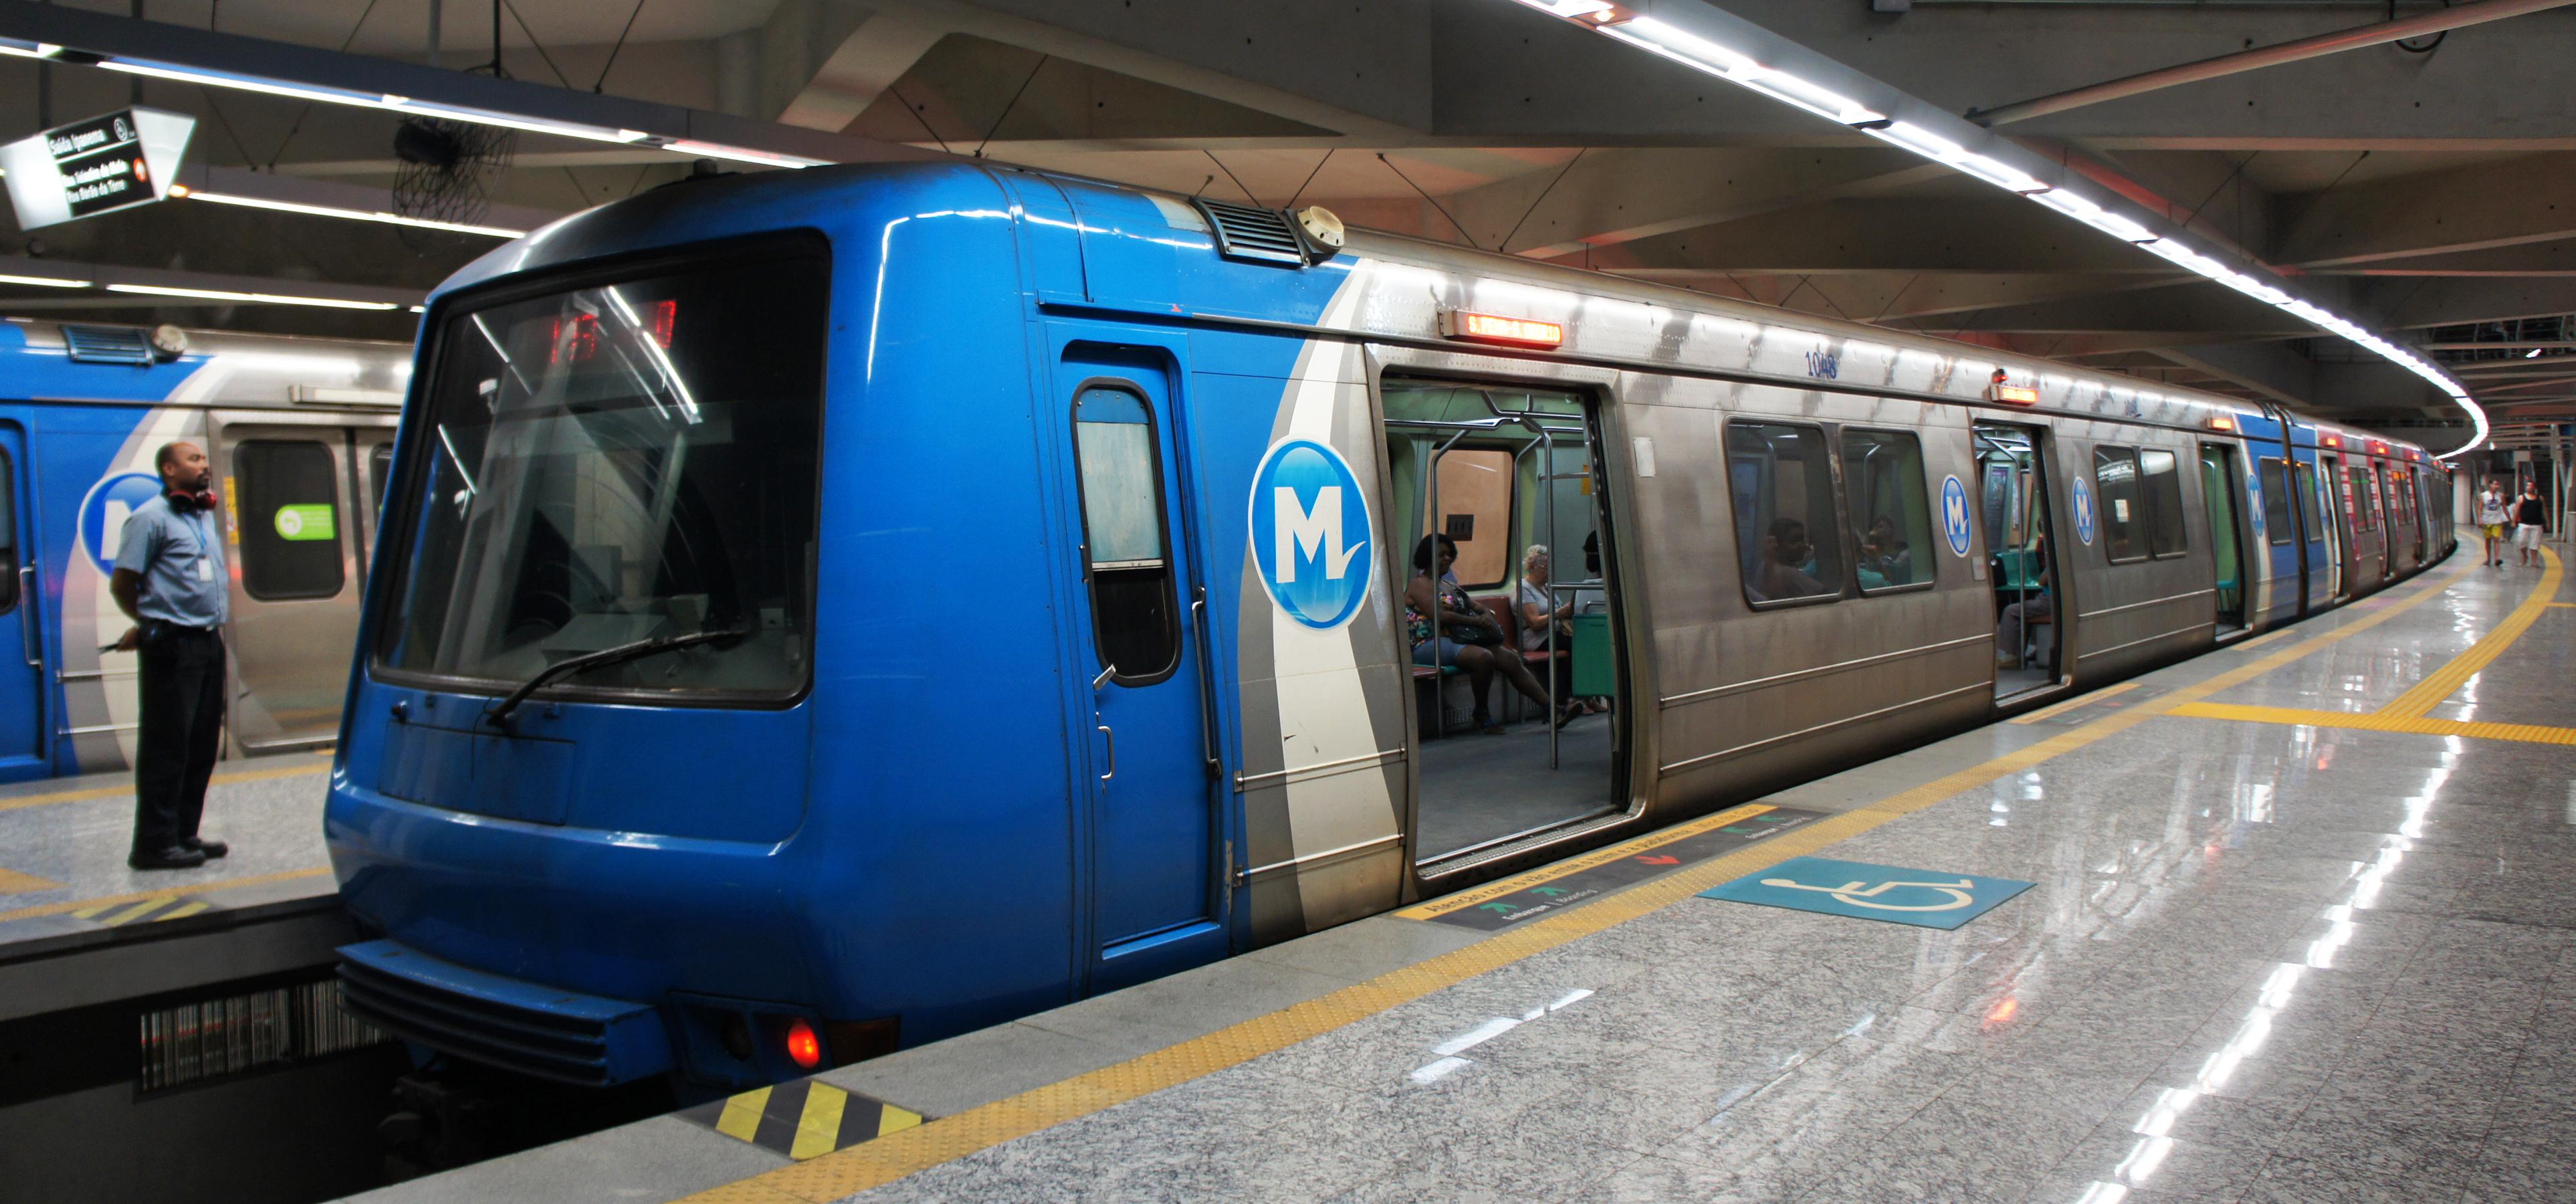 Public transportation rio de janeiro brazilian experience for Do metro trains have bathrooms